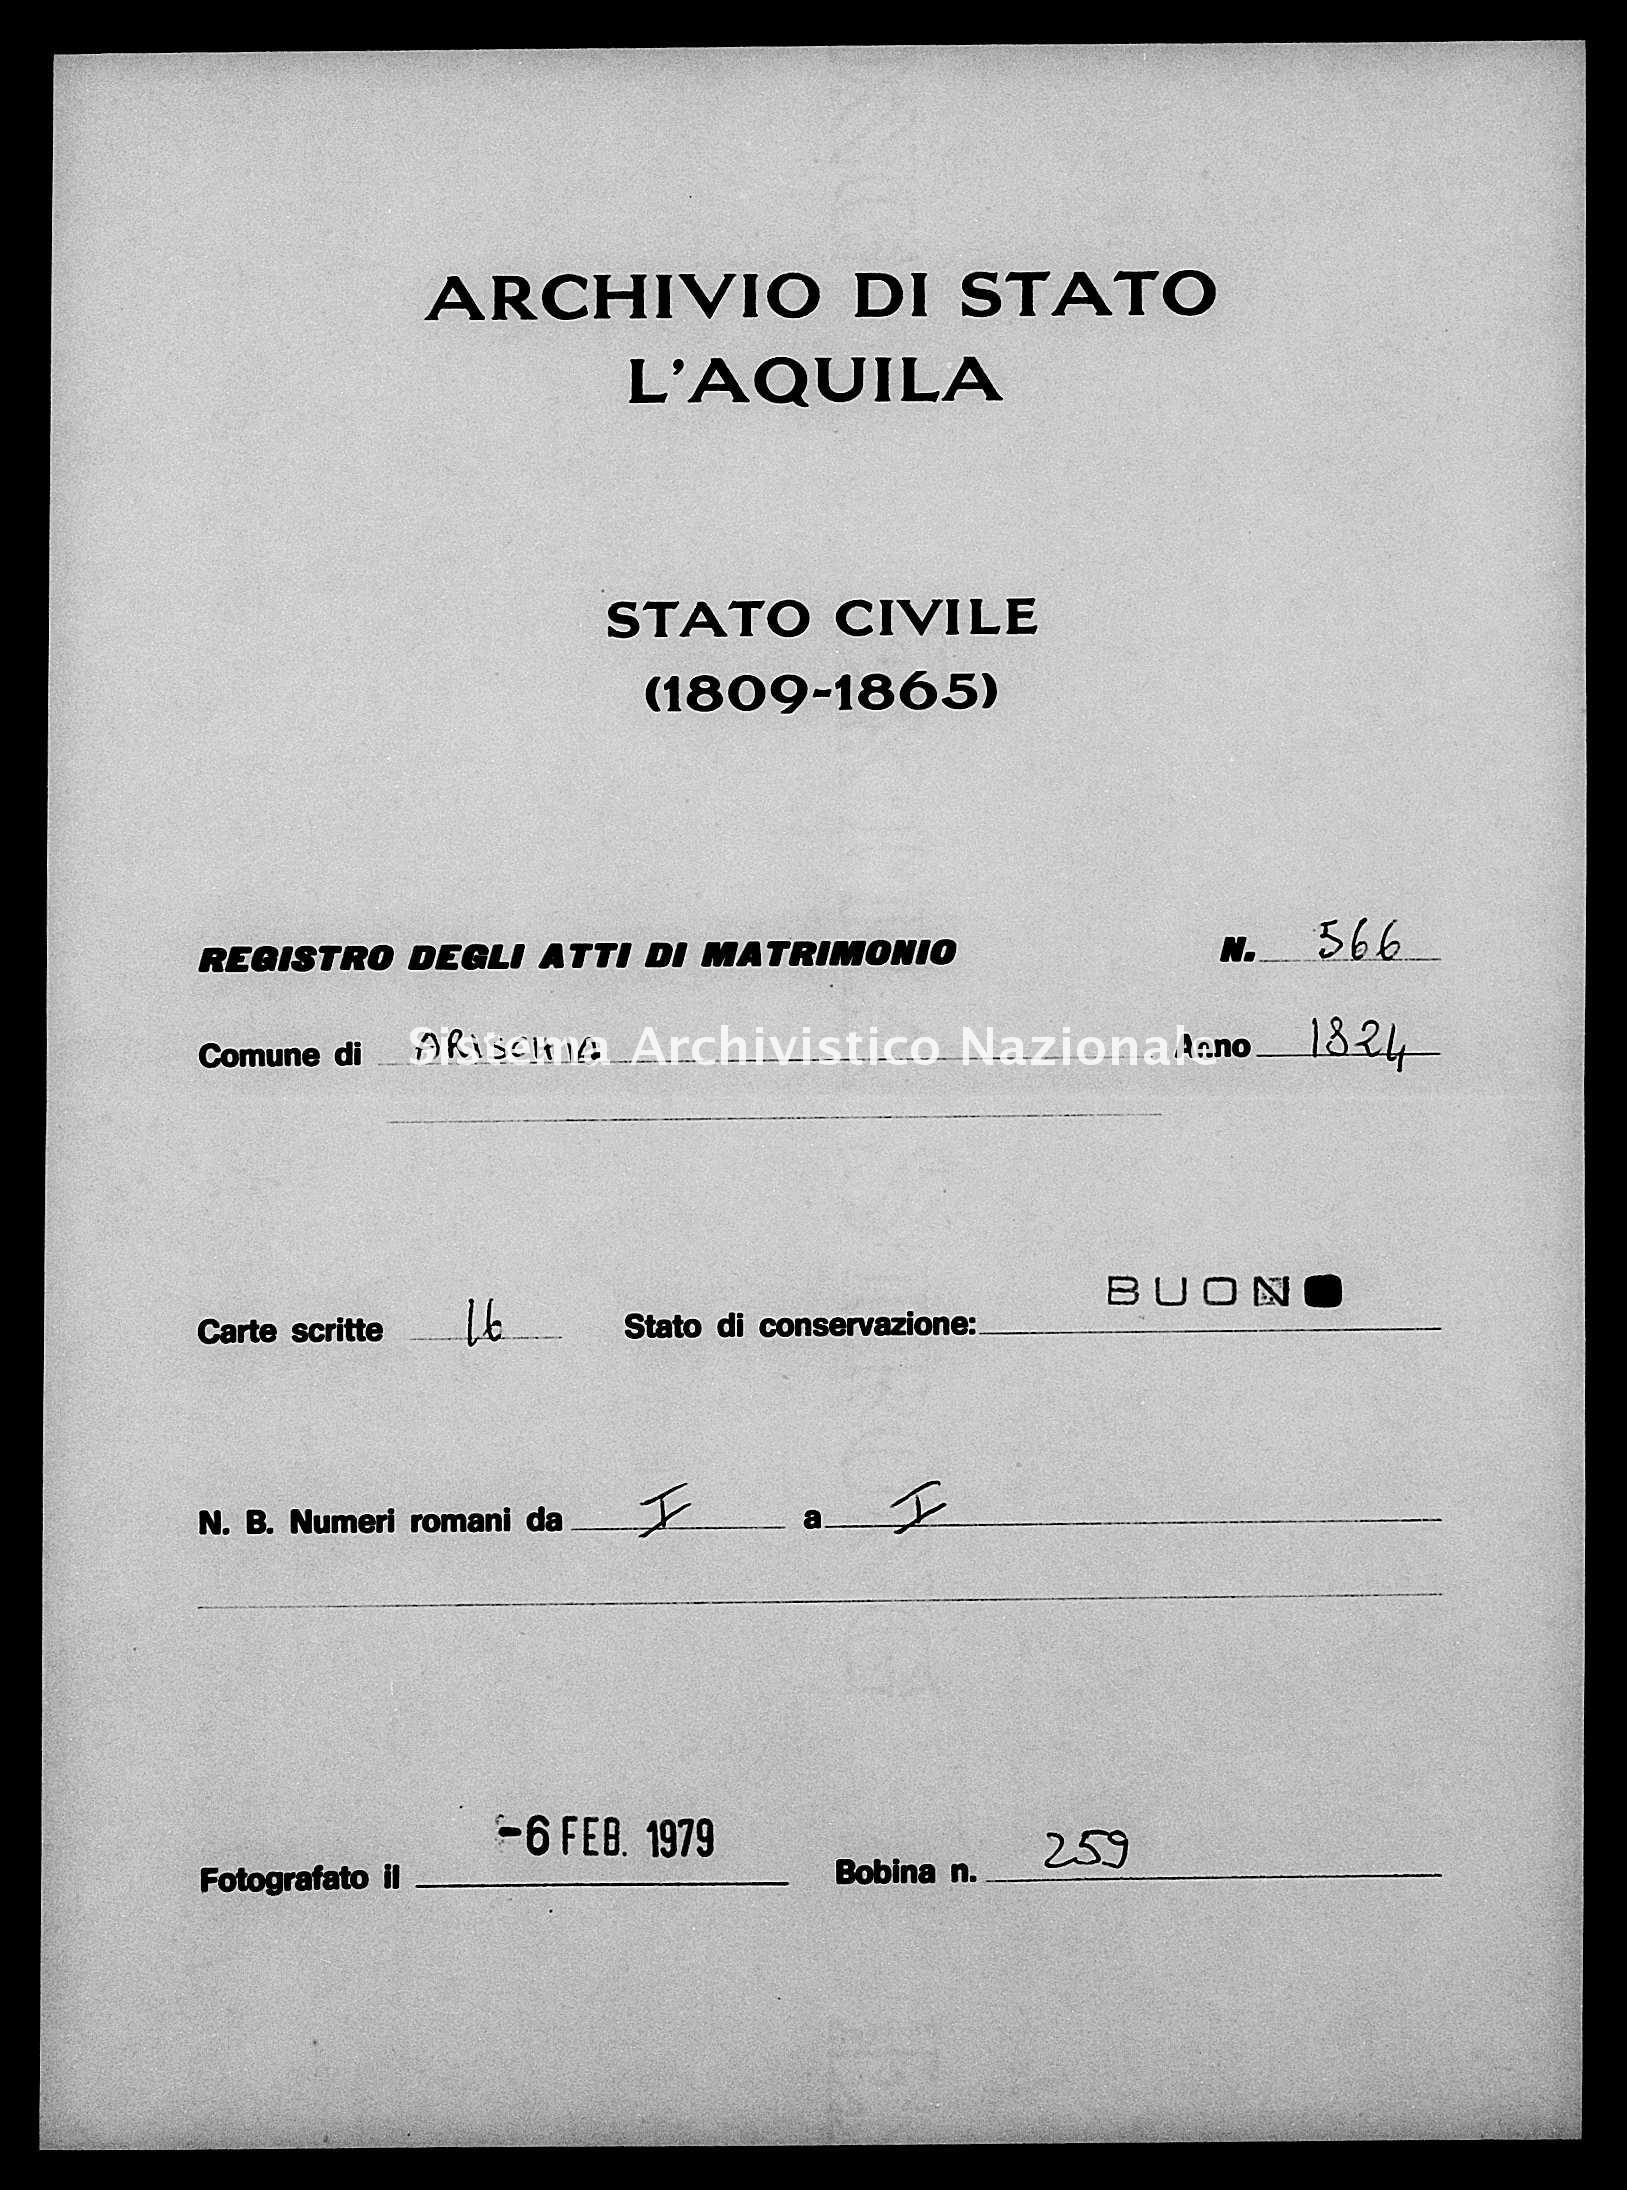 Archivio di stato di L'aquila - Stato civile della restaurazione - Arischia - Matrimoni - 1824 - 566 -